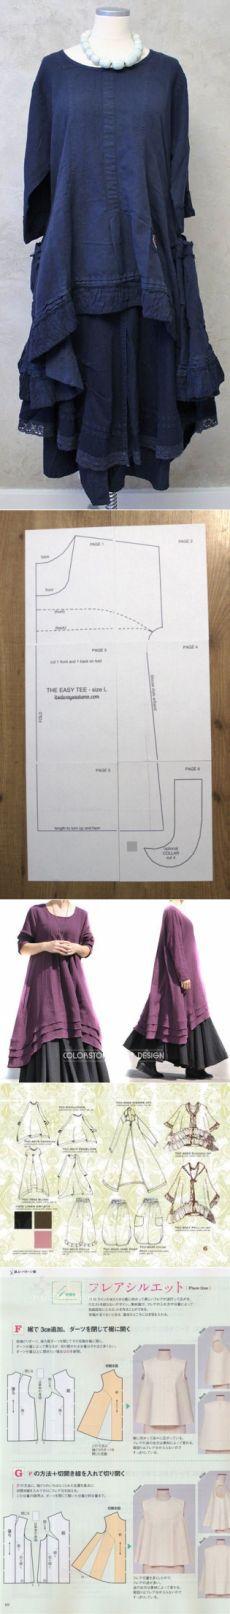 Dress  Бохо для пышечек.много схем,моделей и выкроек